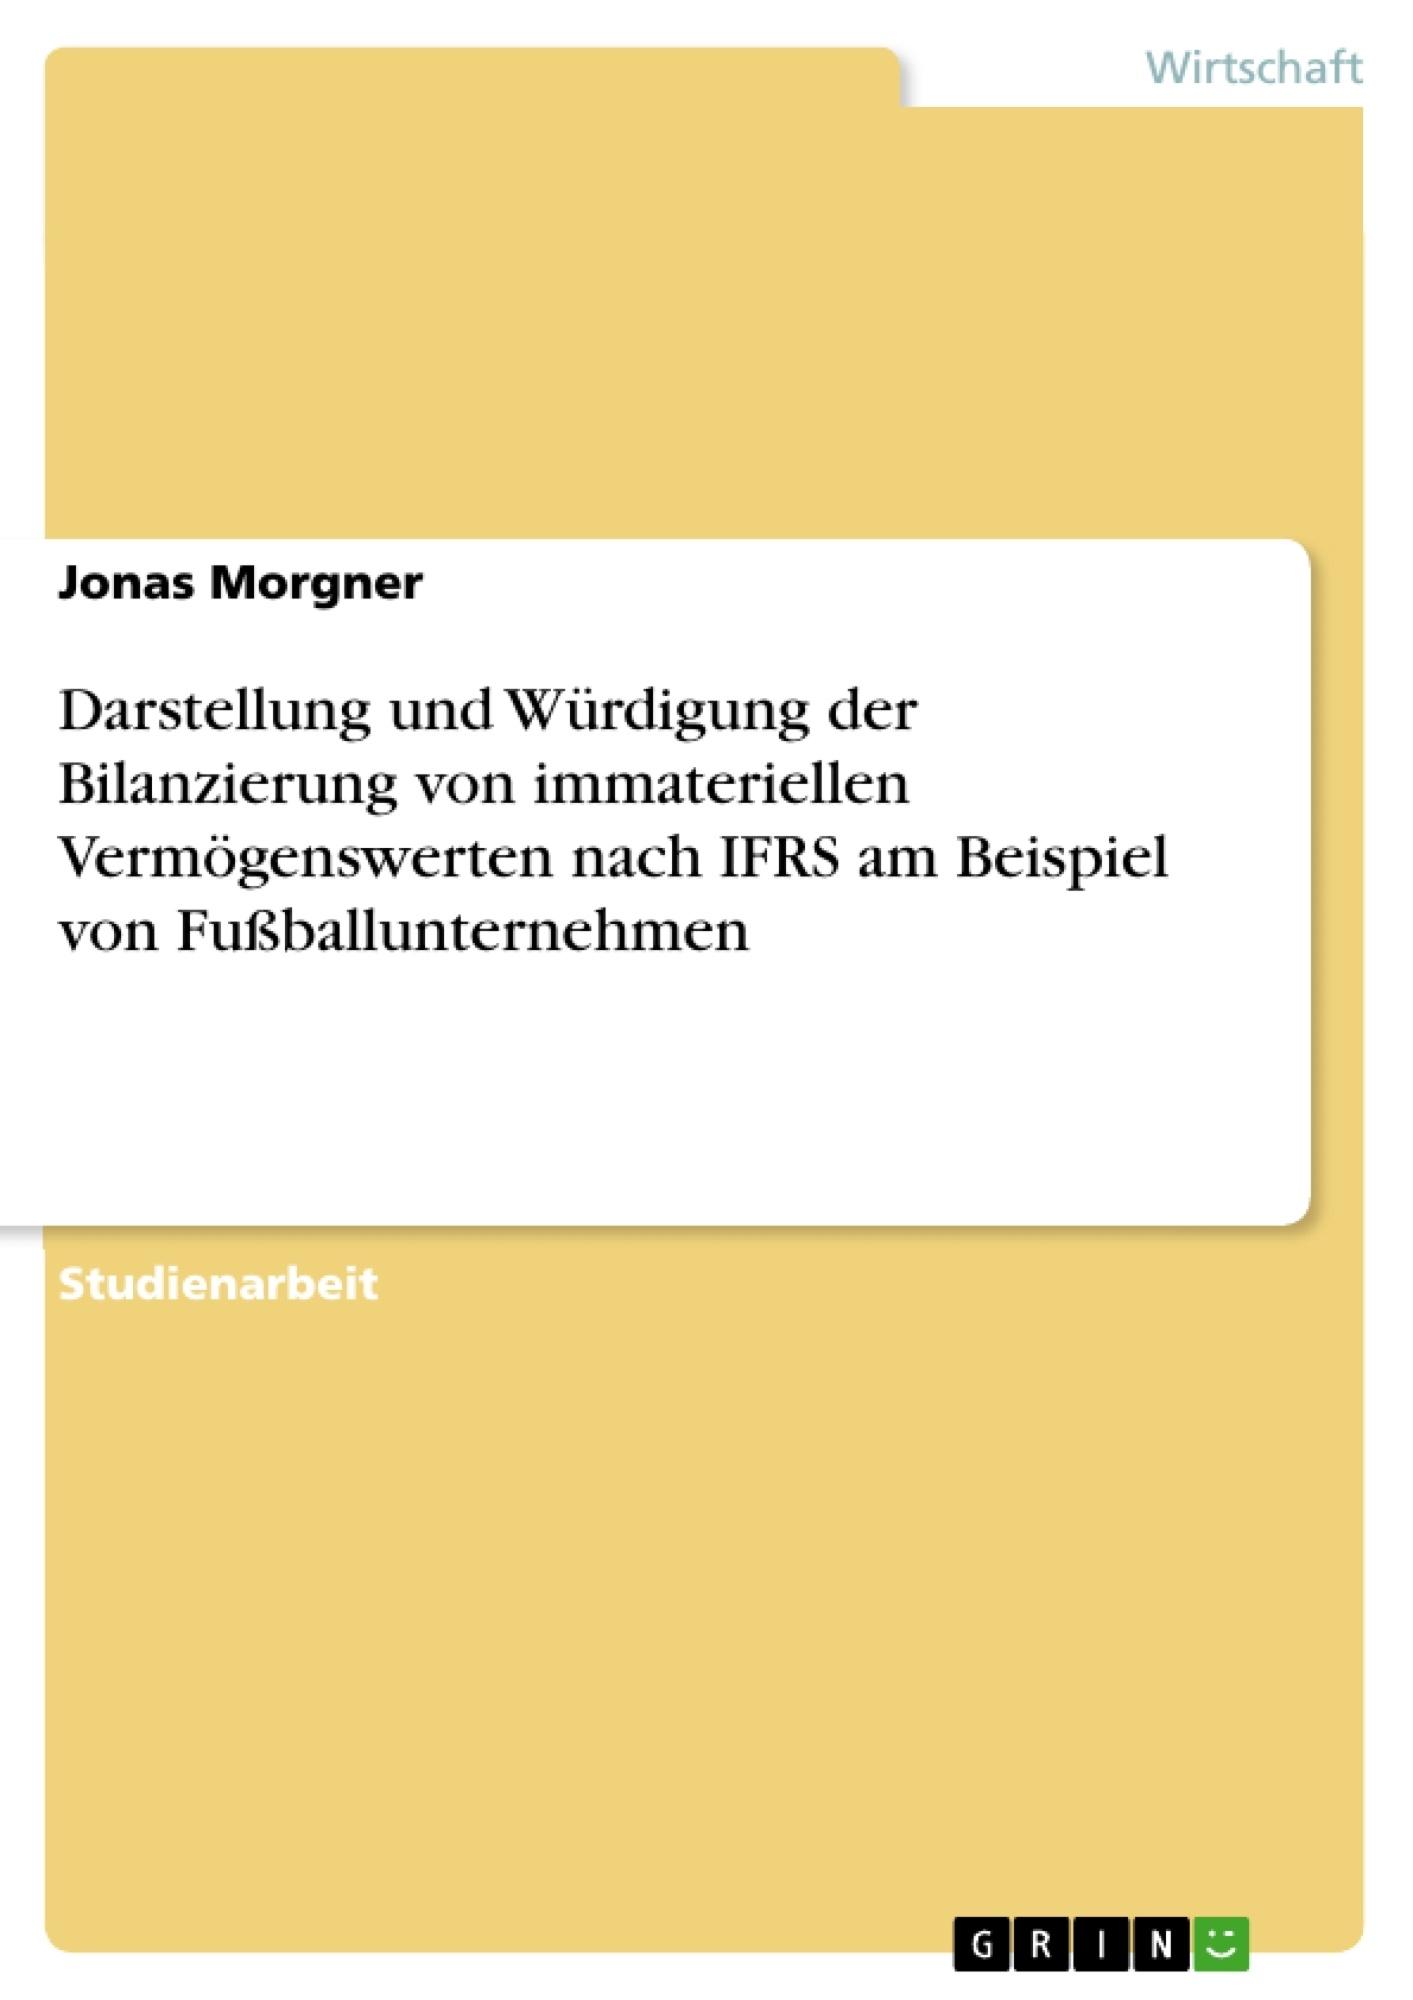 Titel: Darstellung und Würdigung der Bilanzierung von immateriellen Vermögenswerten nach IFRS am Beispiel von Fußballunternehmen